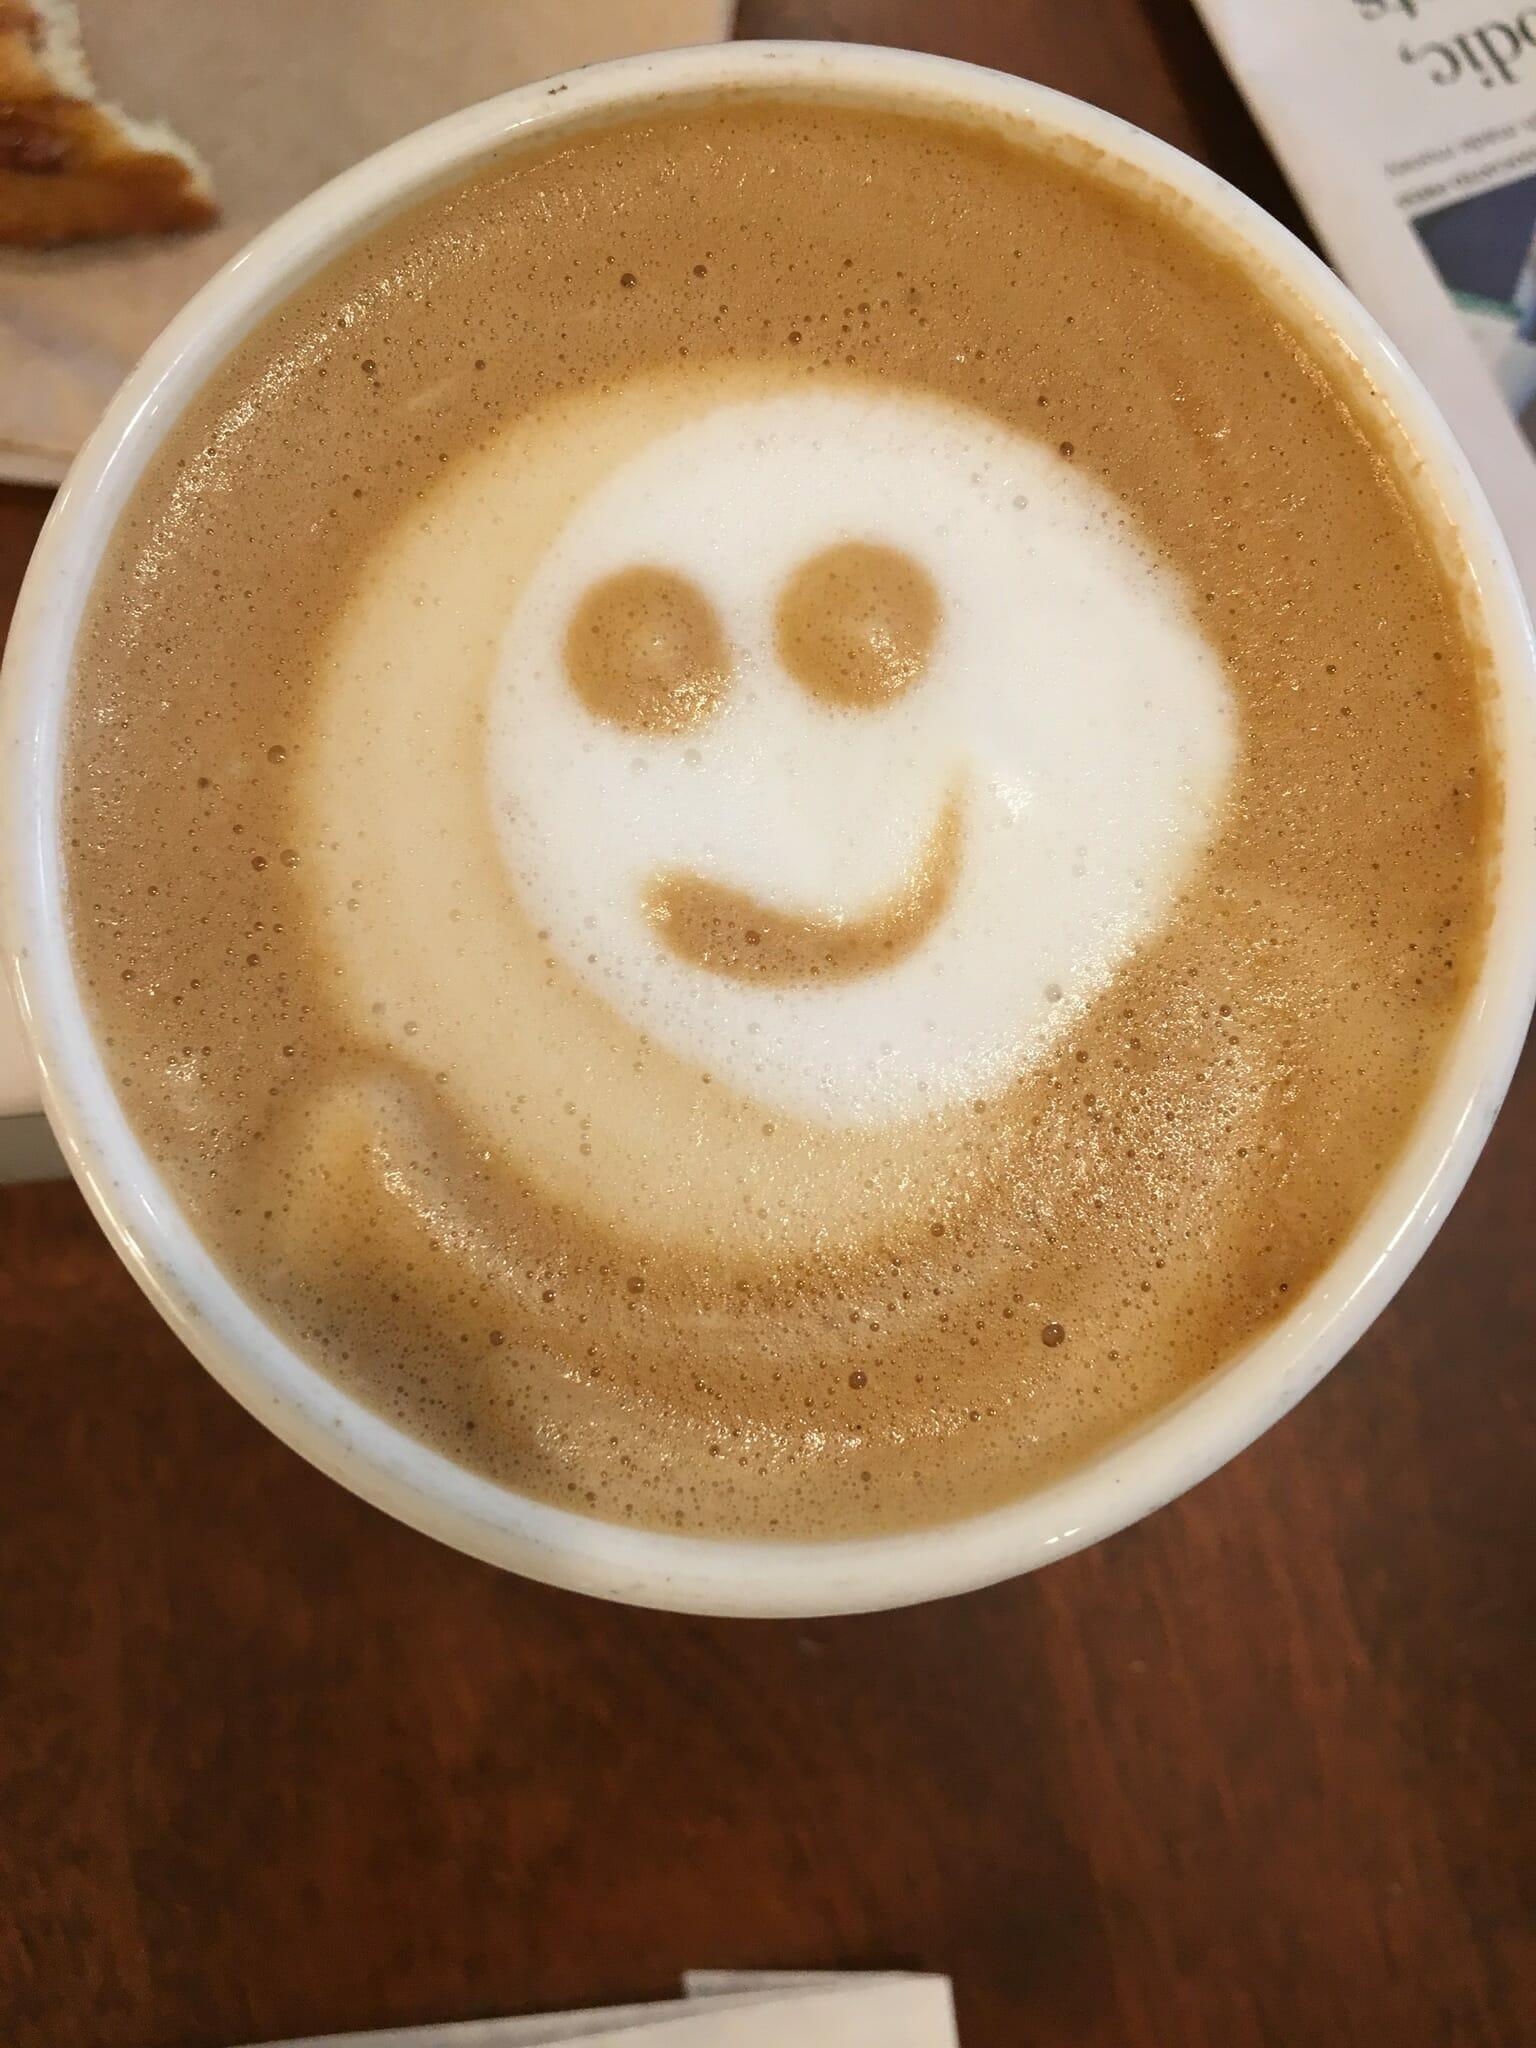 Rzut z góry na filiżankę kawy - pianka została ułożona w kształt uśmiechniętej buźki